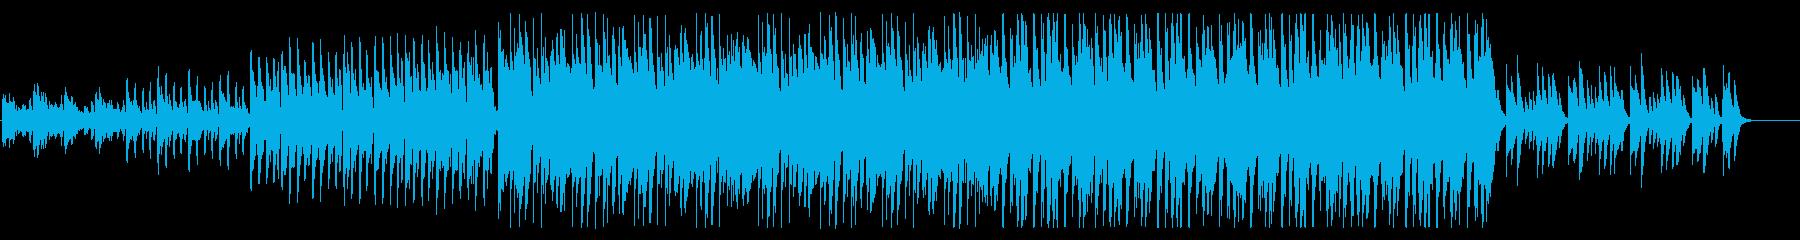 さわやかなフューチャーベースの再生済みの波形